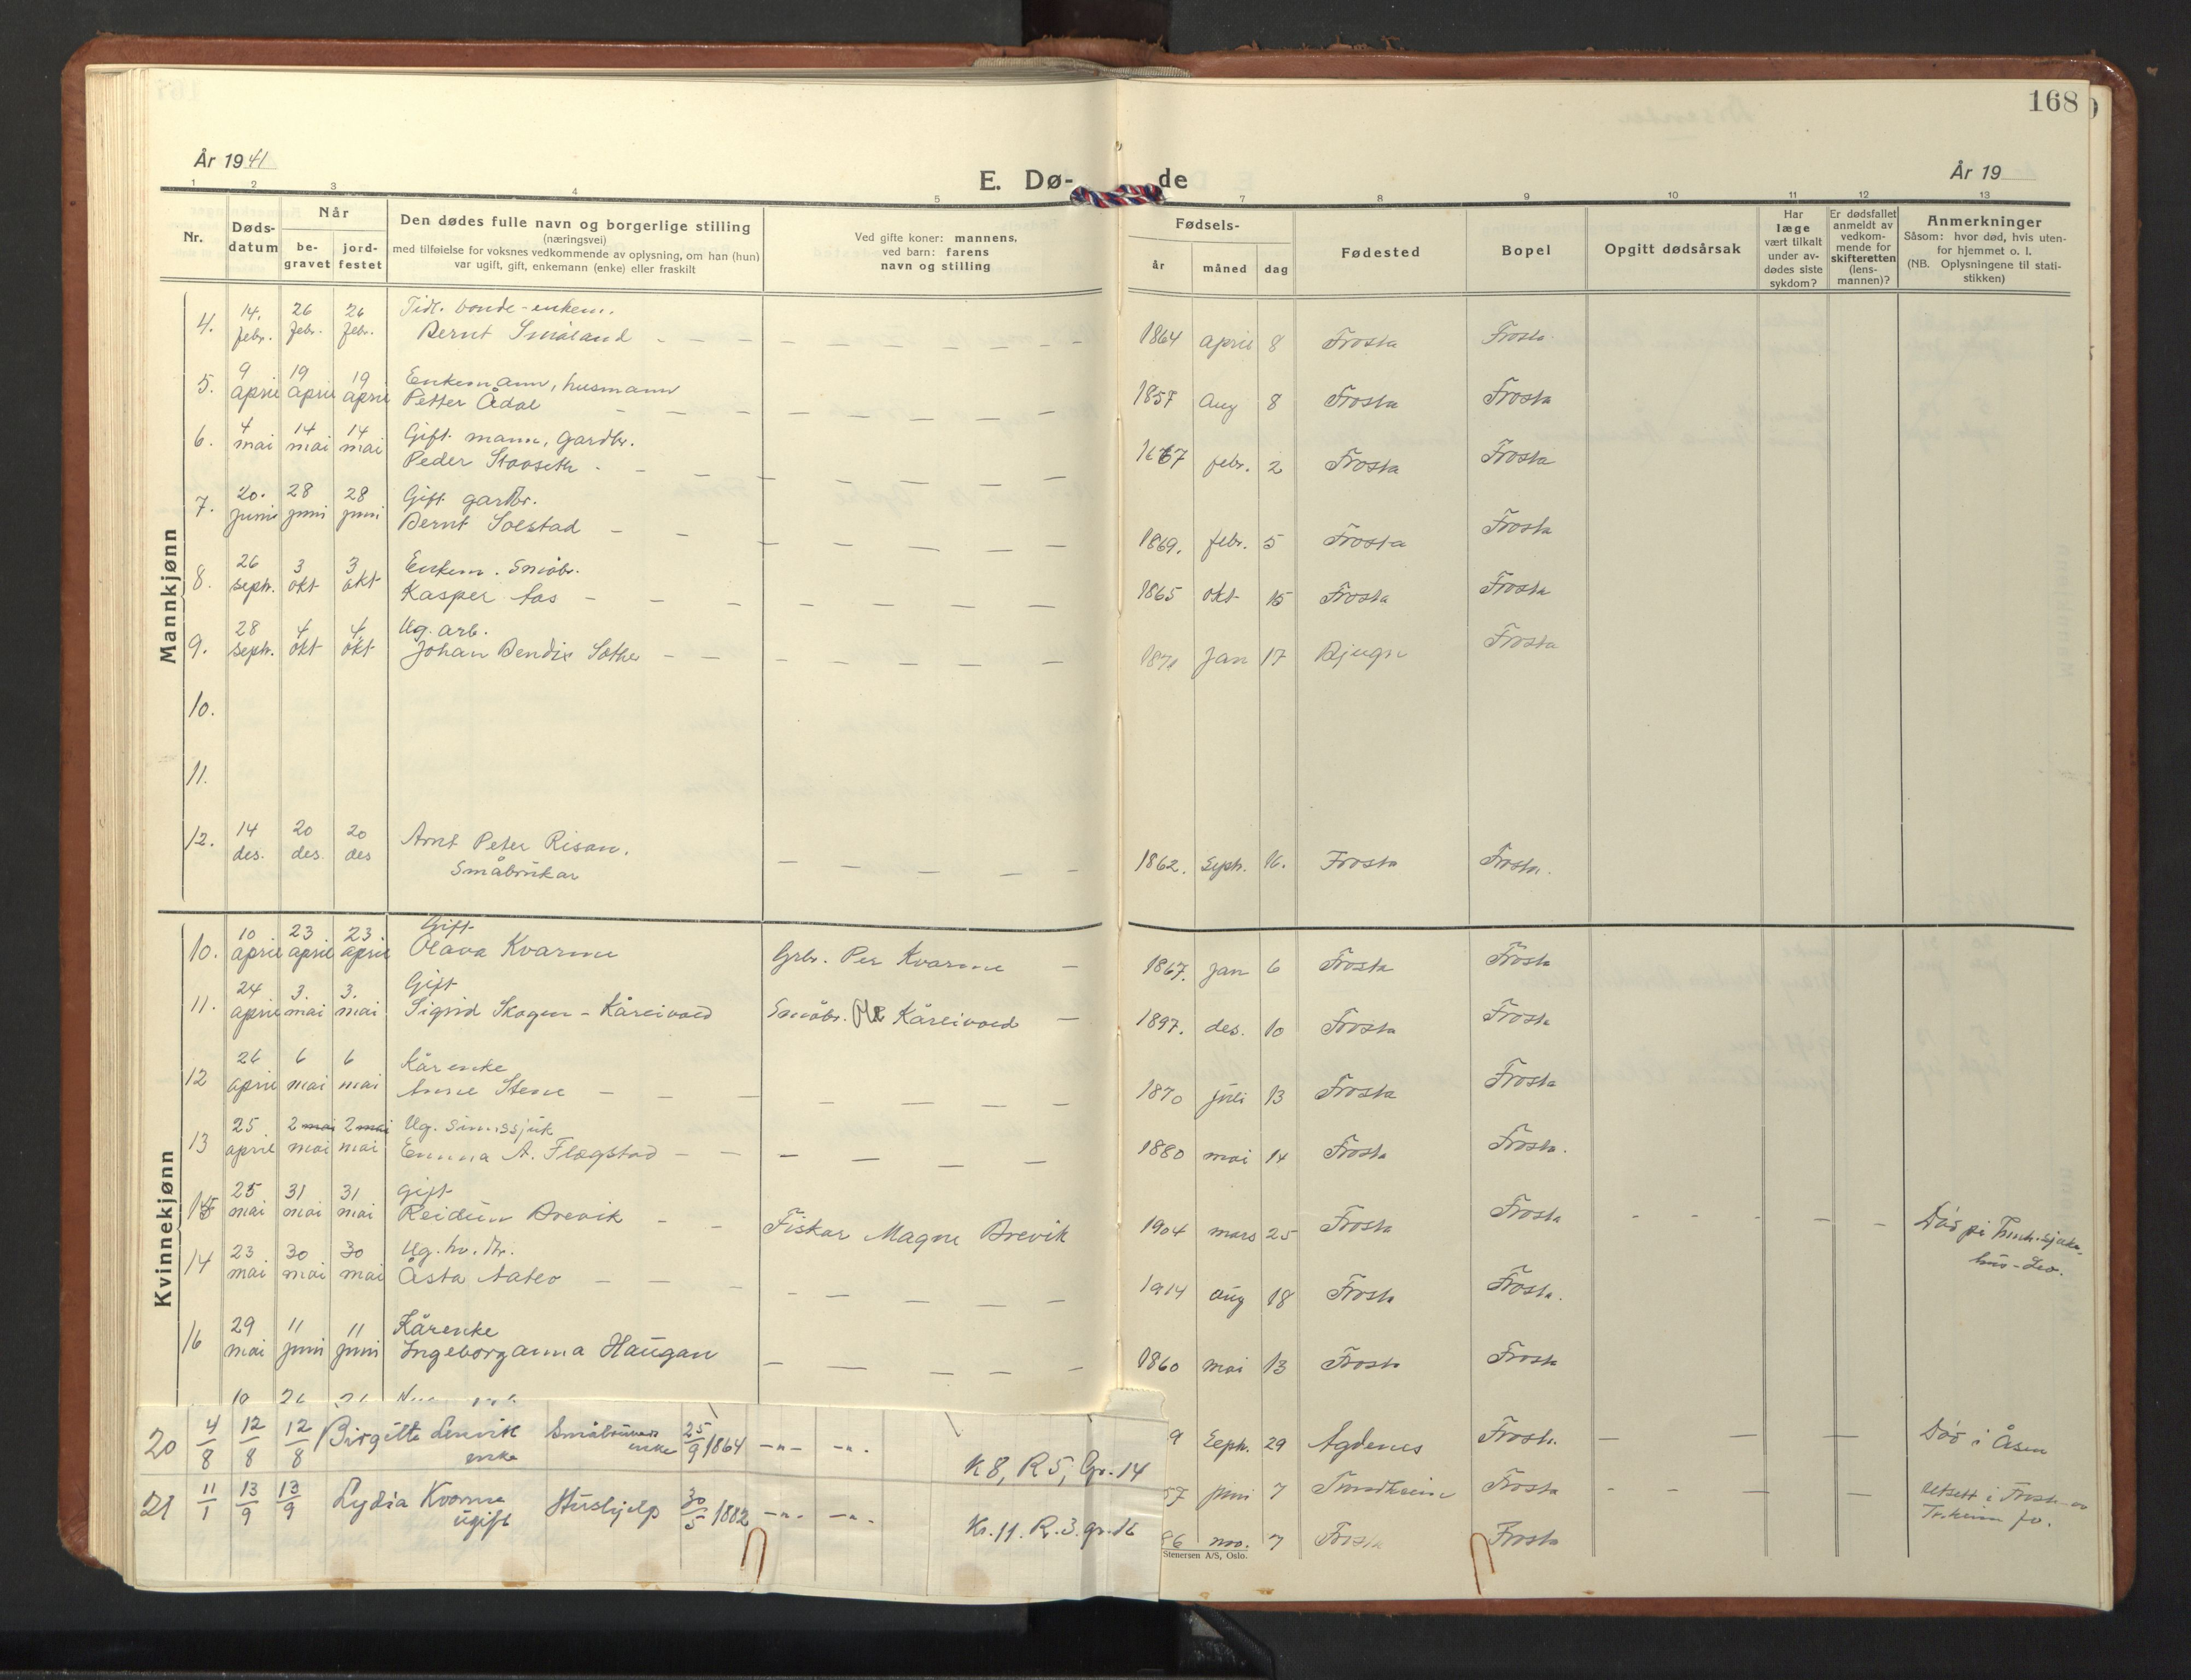 SAT, Ministerialprotokoller, klokkerbøker og fødselsregistre - Nord-Trøndelag, 713/L0125: Klokkerbok nr. 713C02, 1931-1941, s. 168